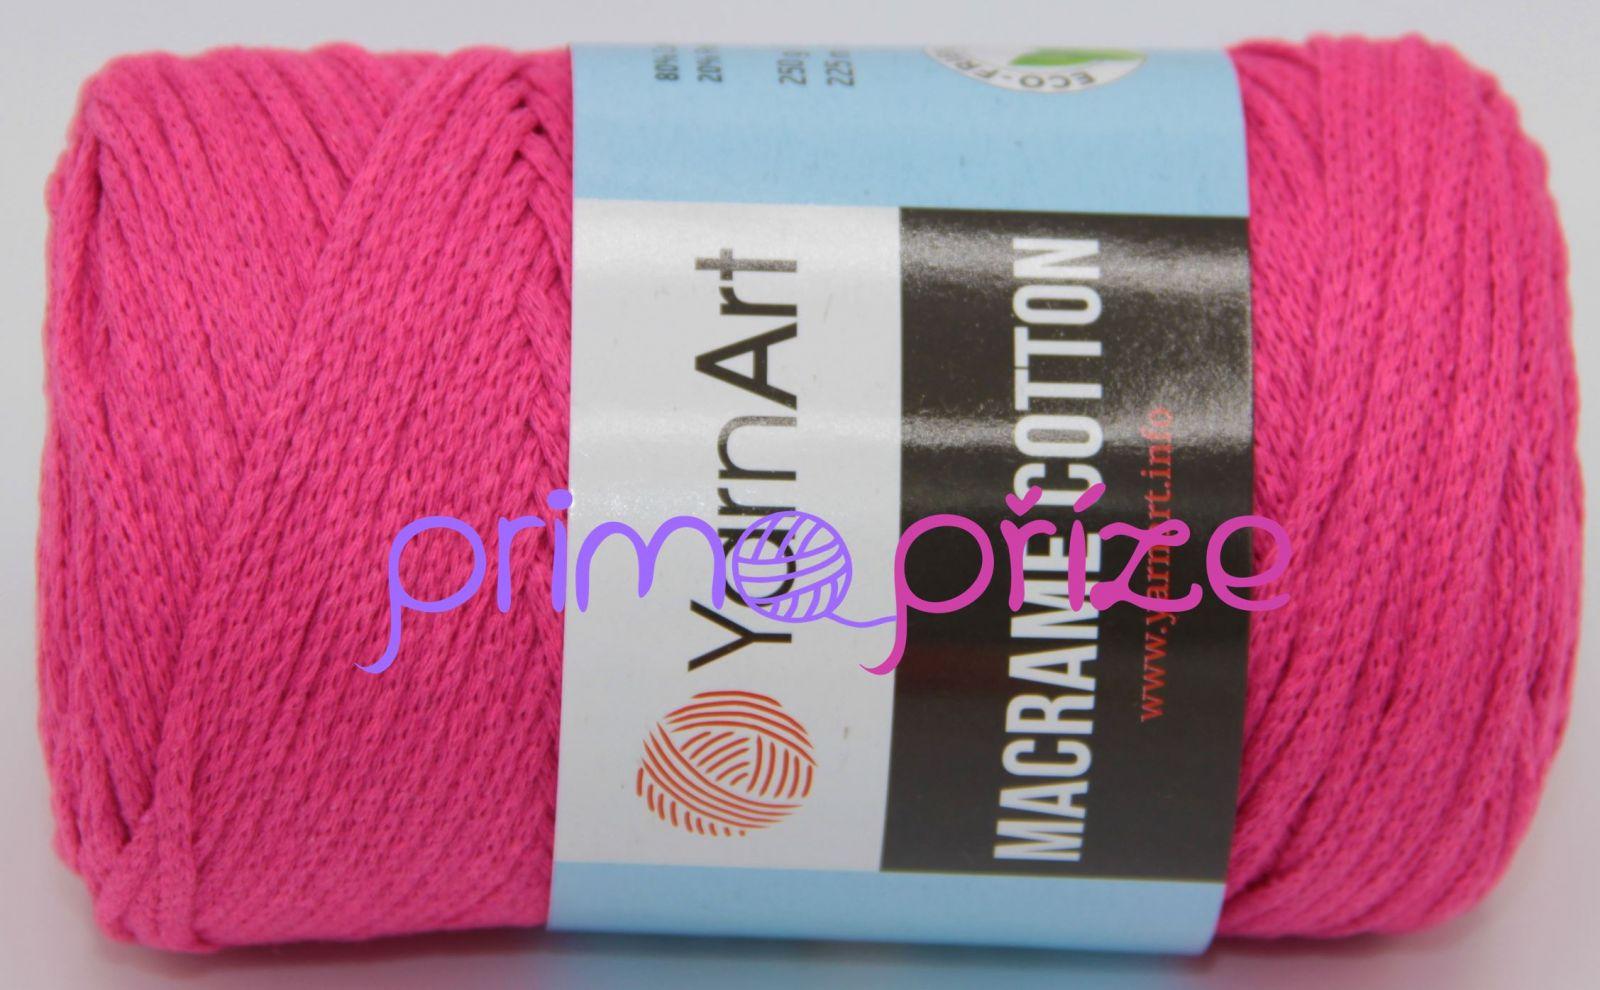 YarnArt Macrame Cotton 803 neonově růžová